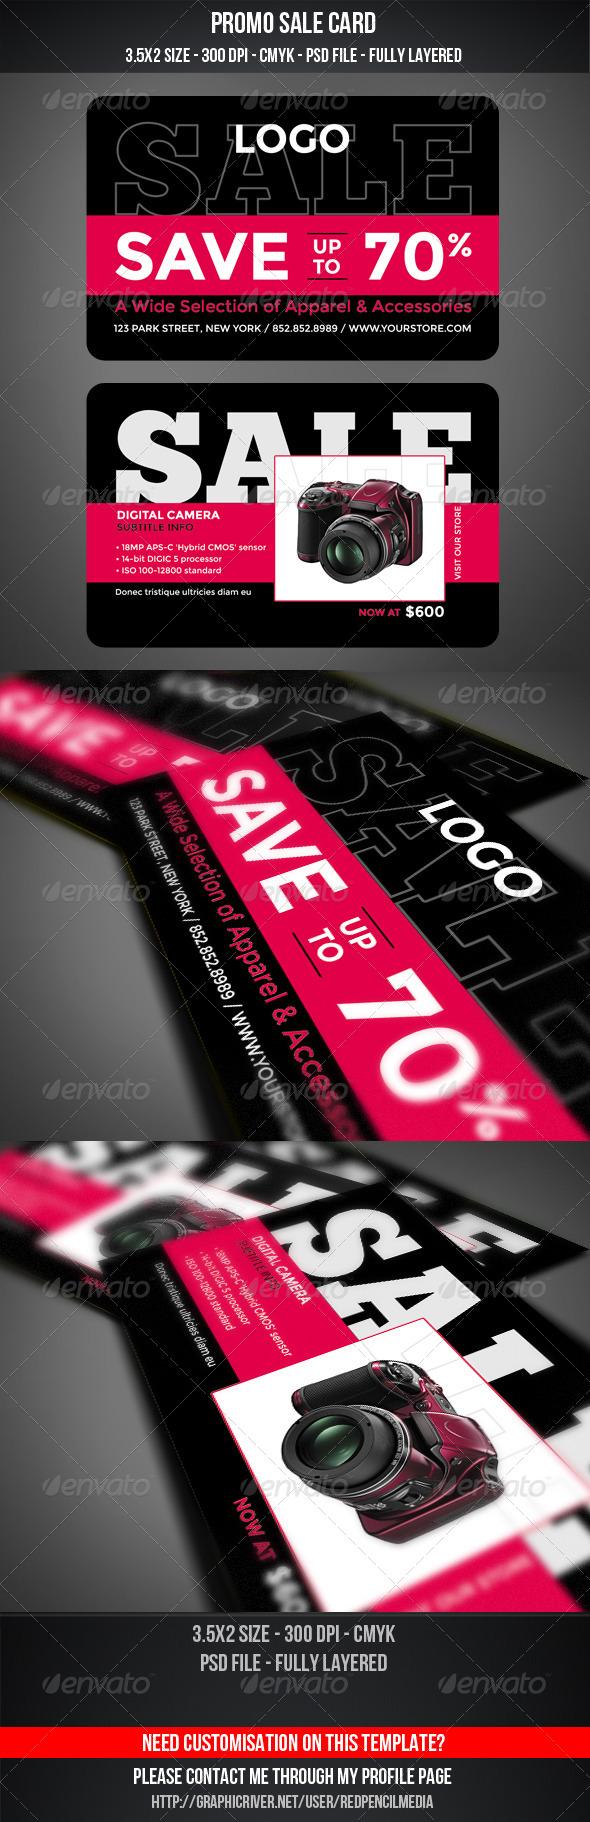 GraphicRiver Promo Sale Card 5240872